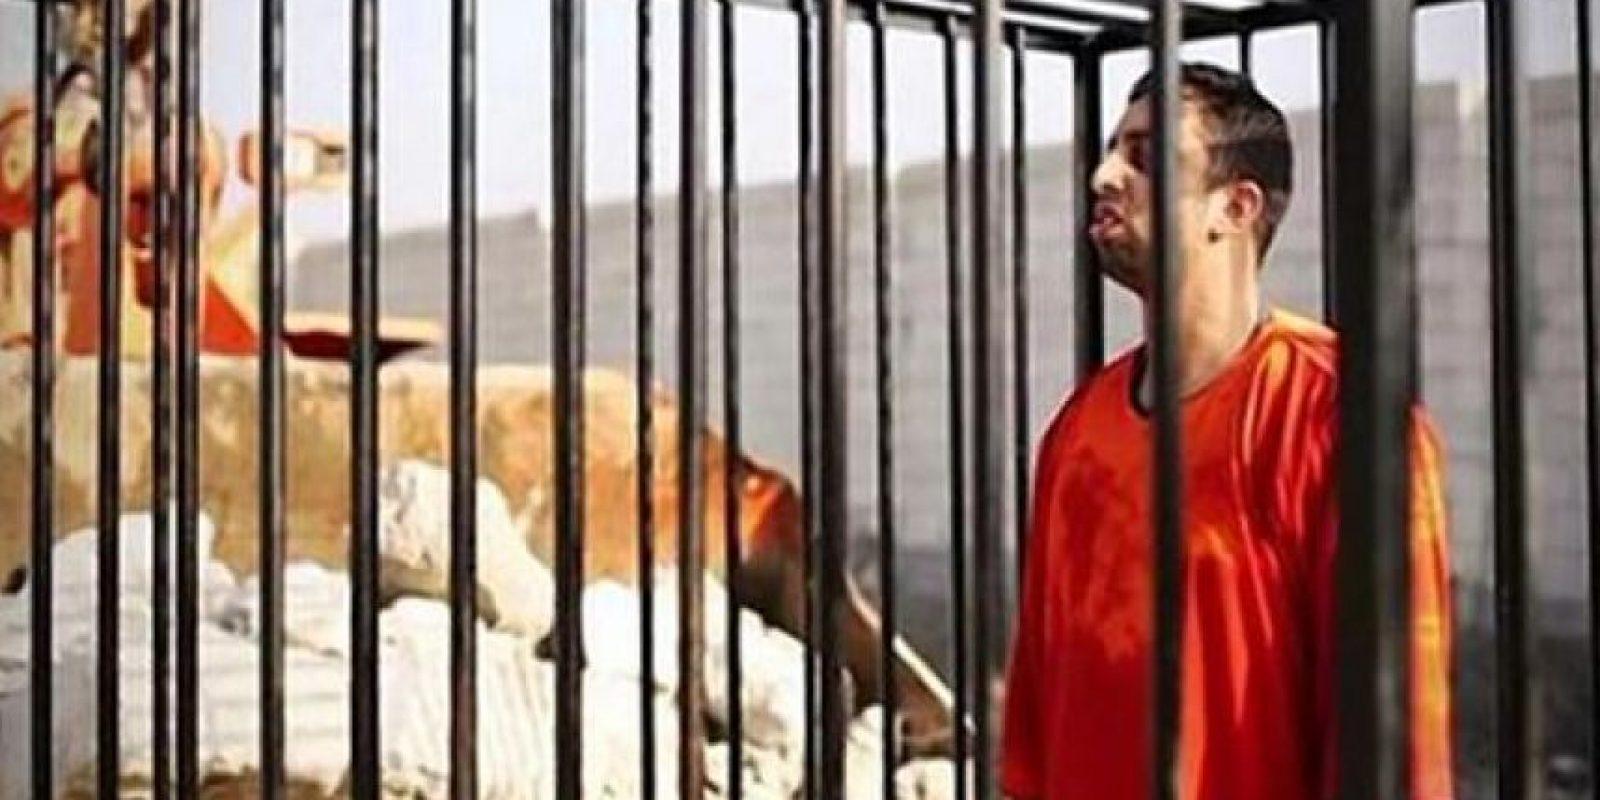 Momento de la ejecución del piloto jordano Moaz al-Kasasbeh Foto:Twitter